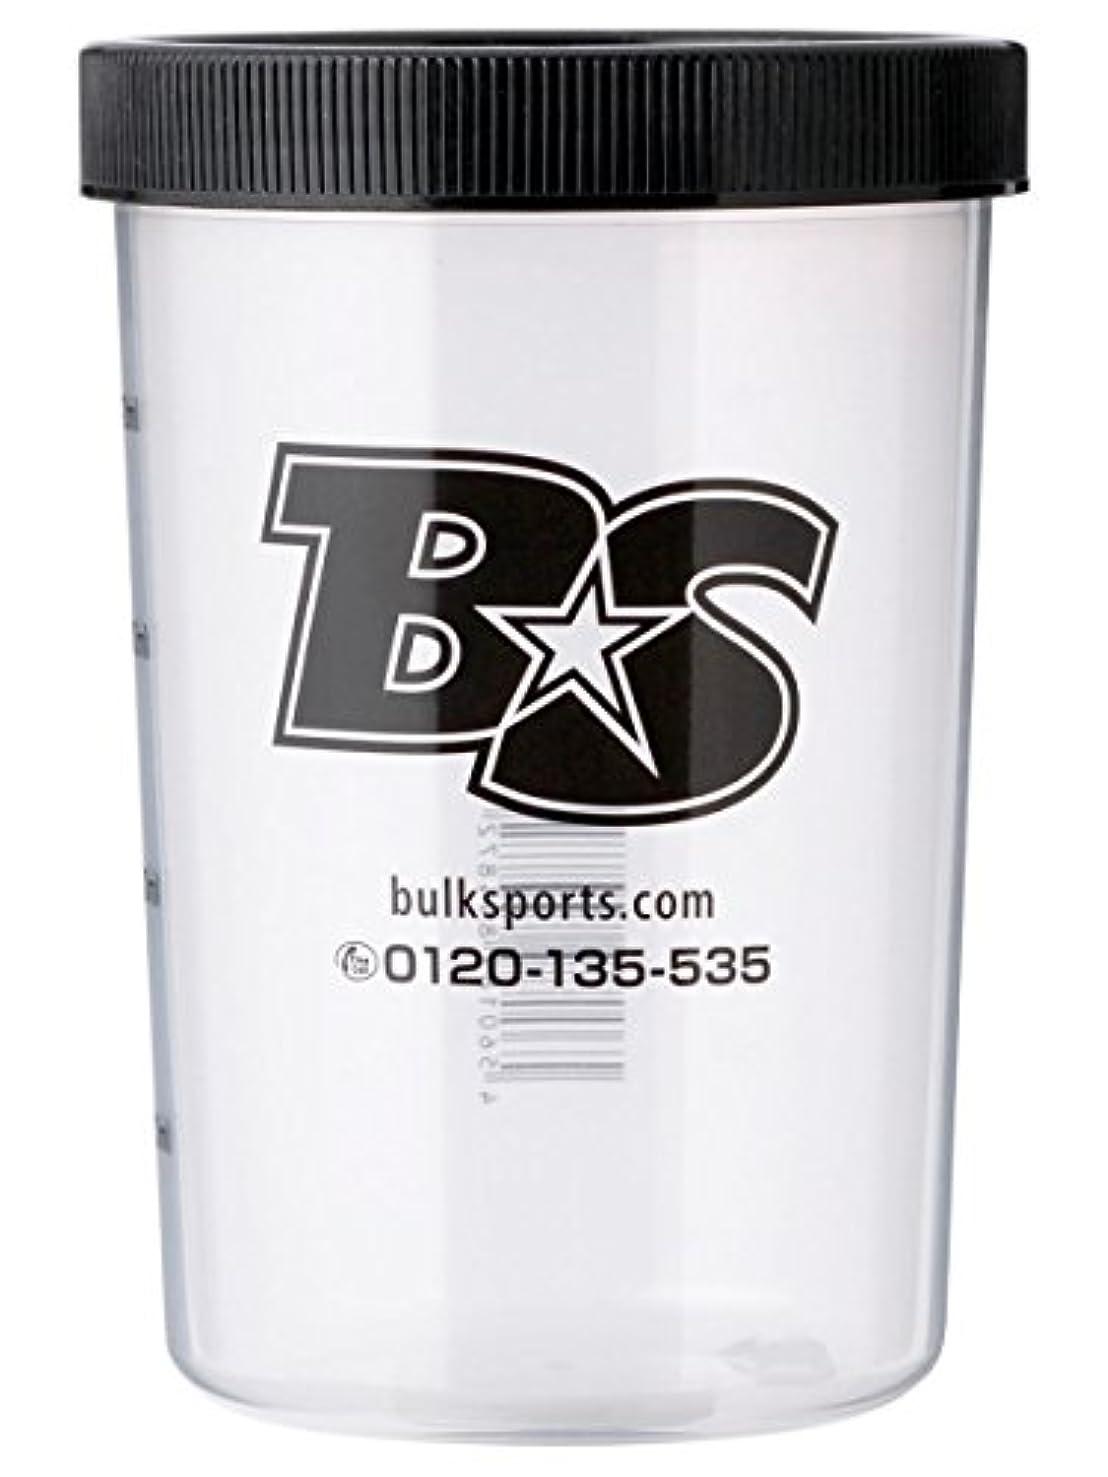 有毒な反乱バイパスバルクスポーツ プロテインシェイカー BS STAR ロゴ入りシェイカーカップ(500ml)【日本製】